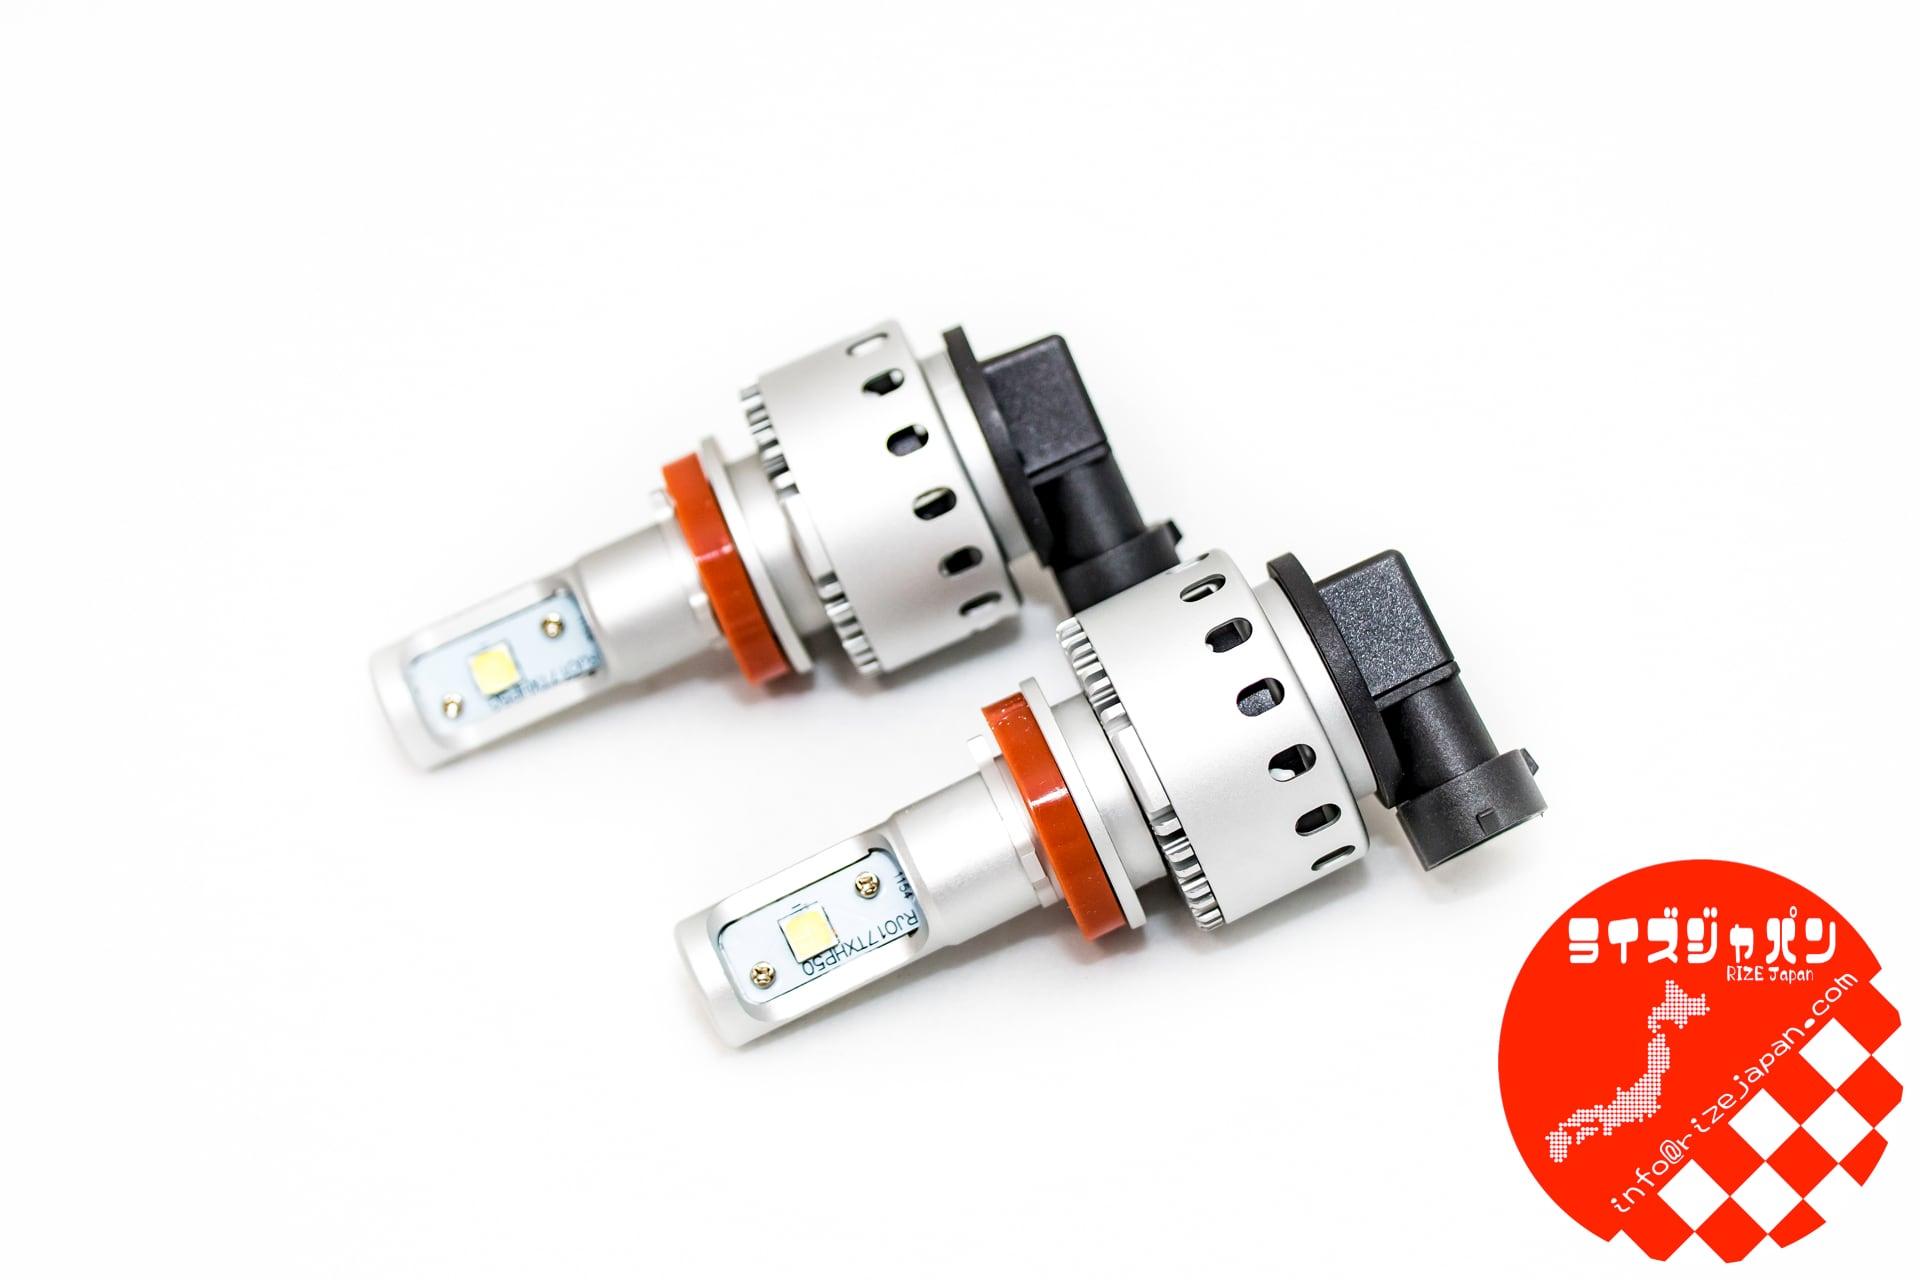 G1S シングルバルブ LEDキット Single bulb LED Kit